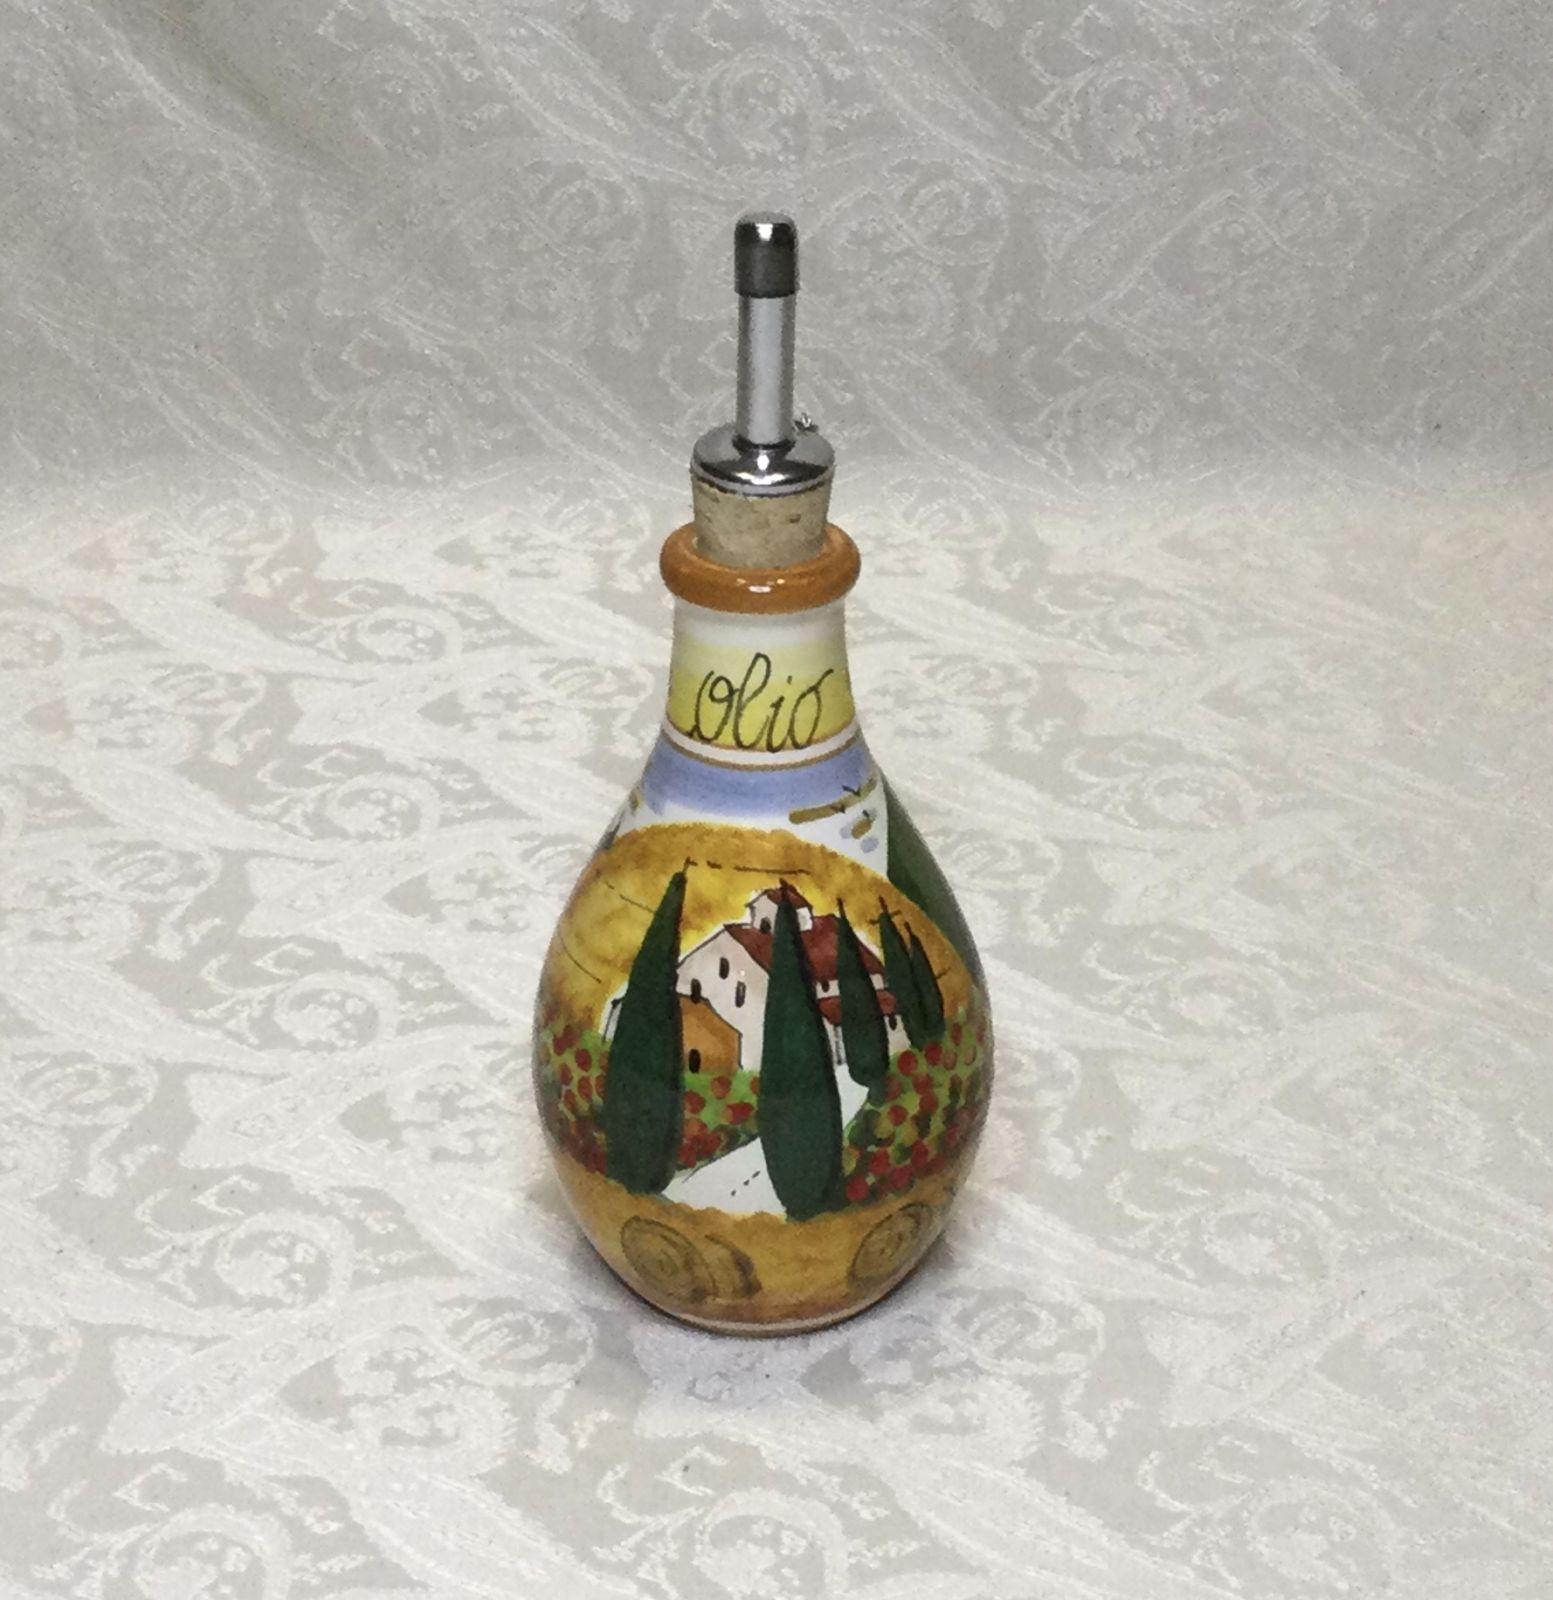 Ampolla olio h16